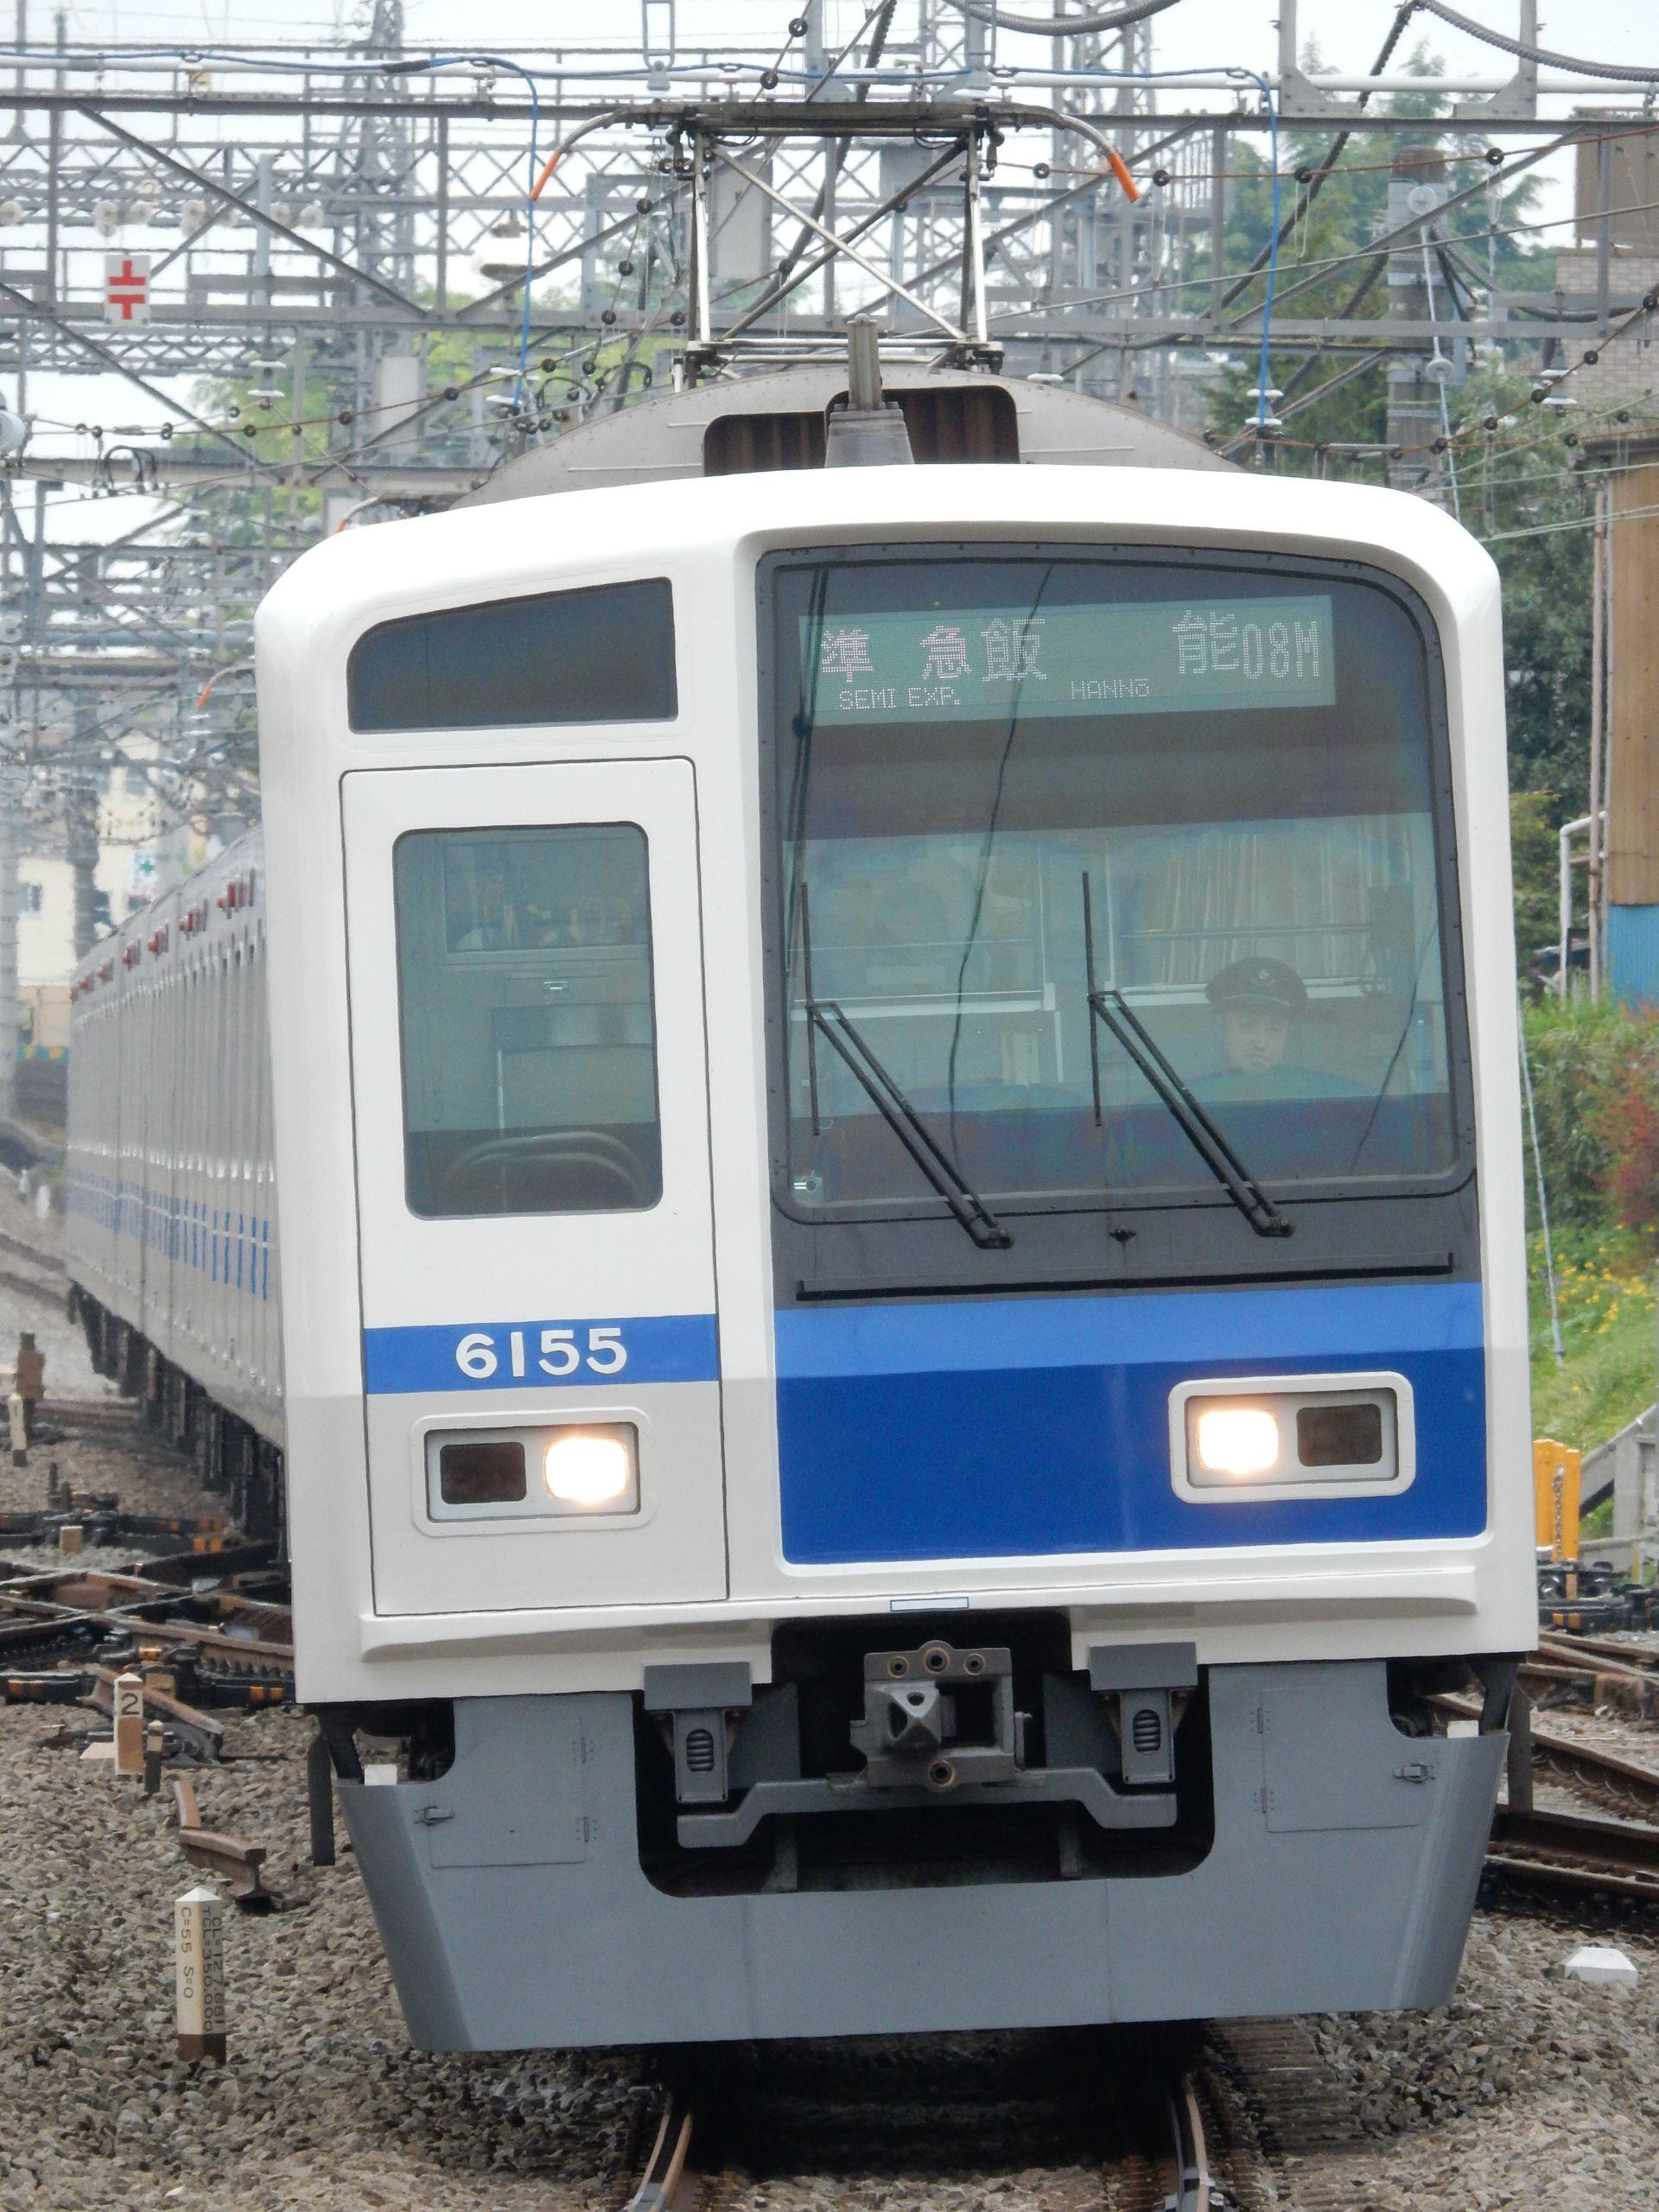 DSCN7942 - コピー